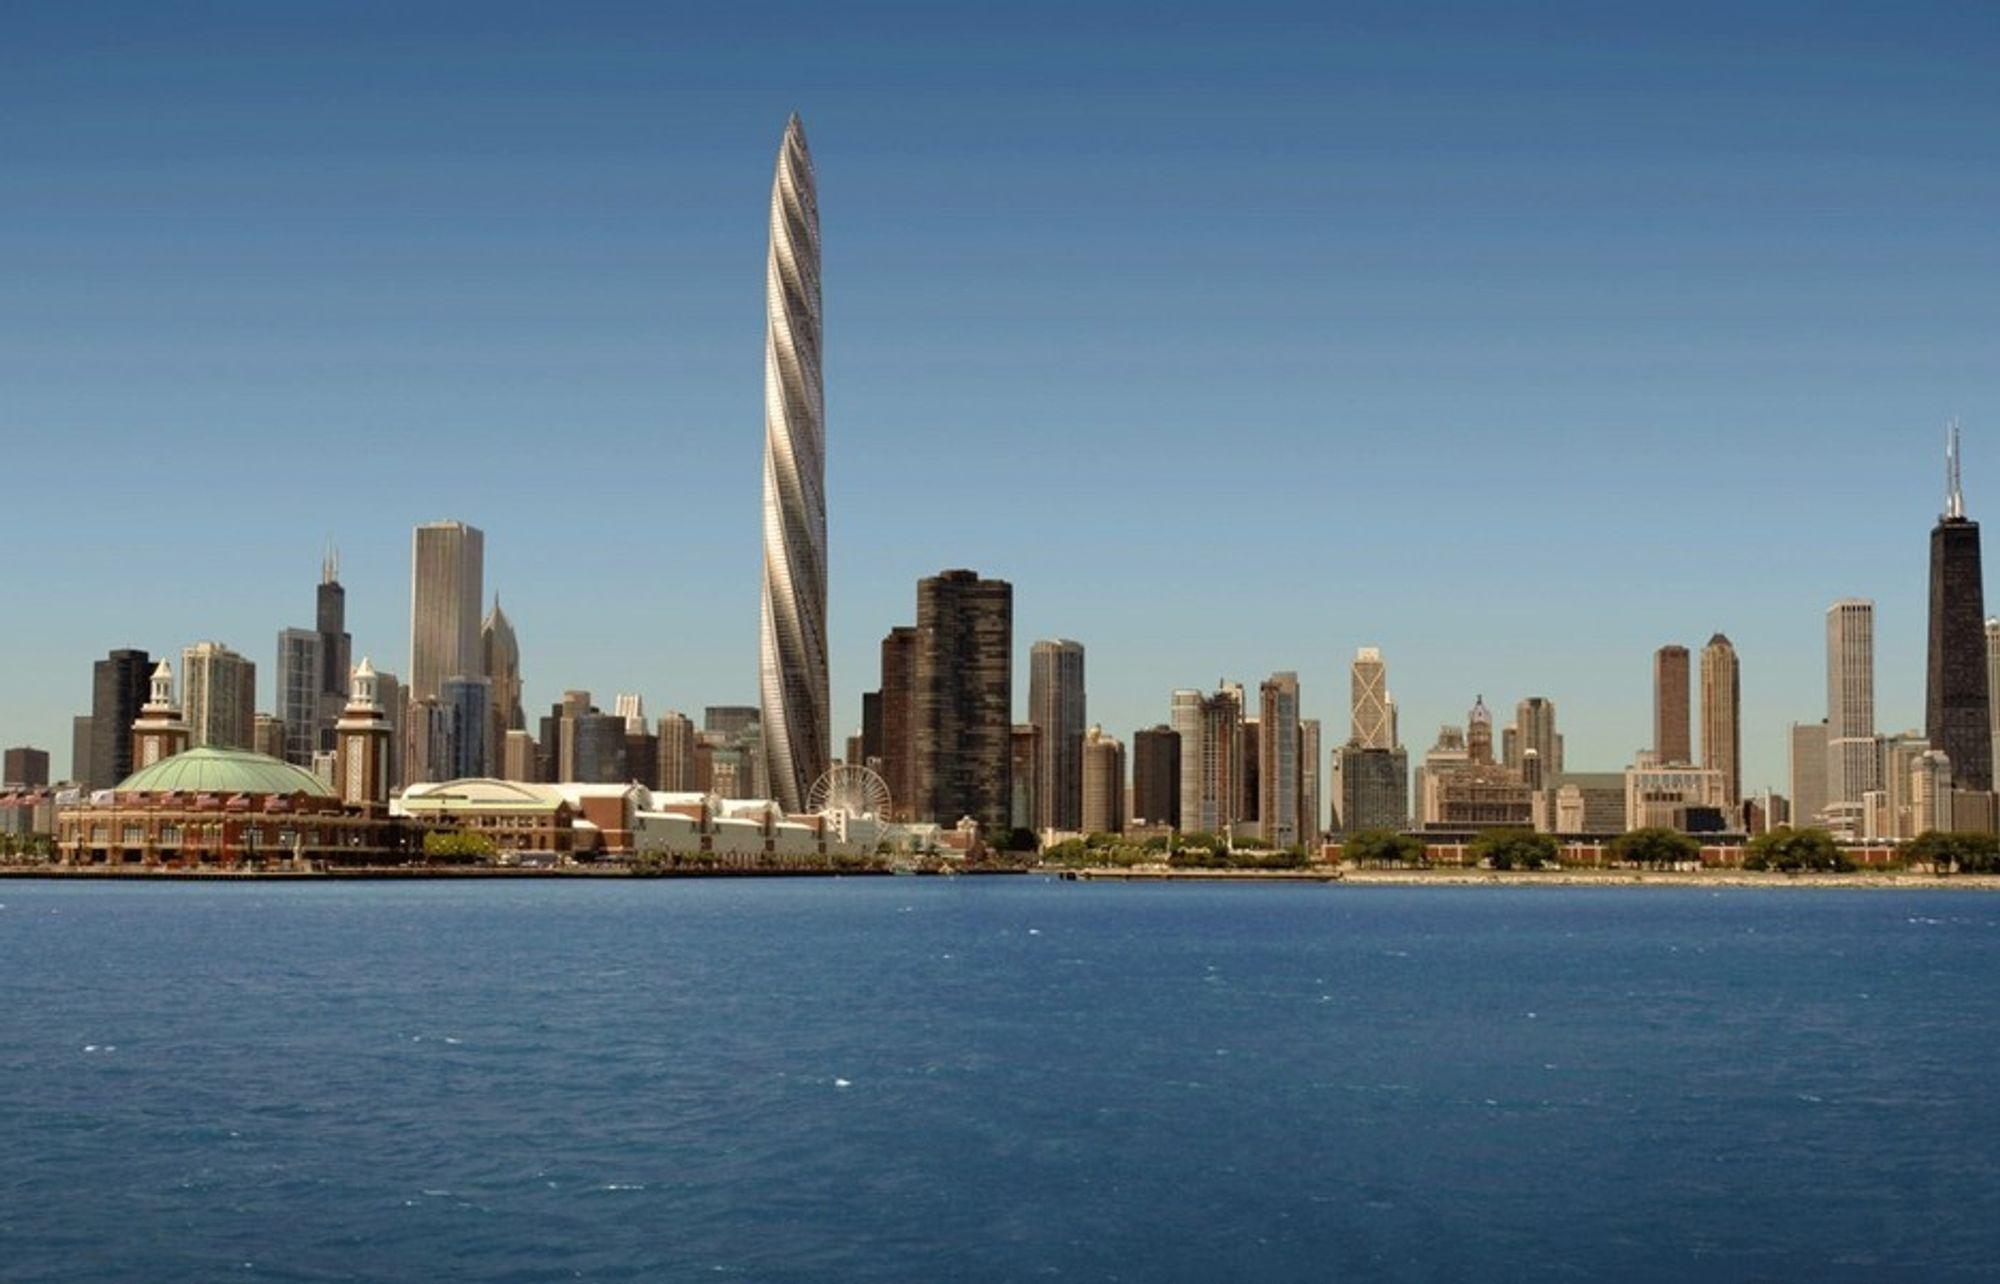 """SKRINLAGT: """"Spiret"""" i Chicago skulle stå ferdig i 2012. Nå er det usikkert om det blir bygget i det hele tatt. 140 av 1320 planlagte skyskrapere er satt på vent på grunn av krisetidene, ifølge Emporis GmbH."""